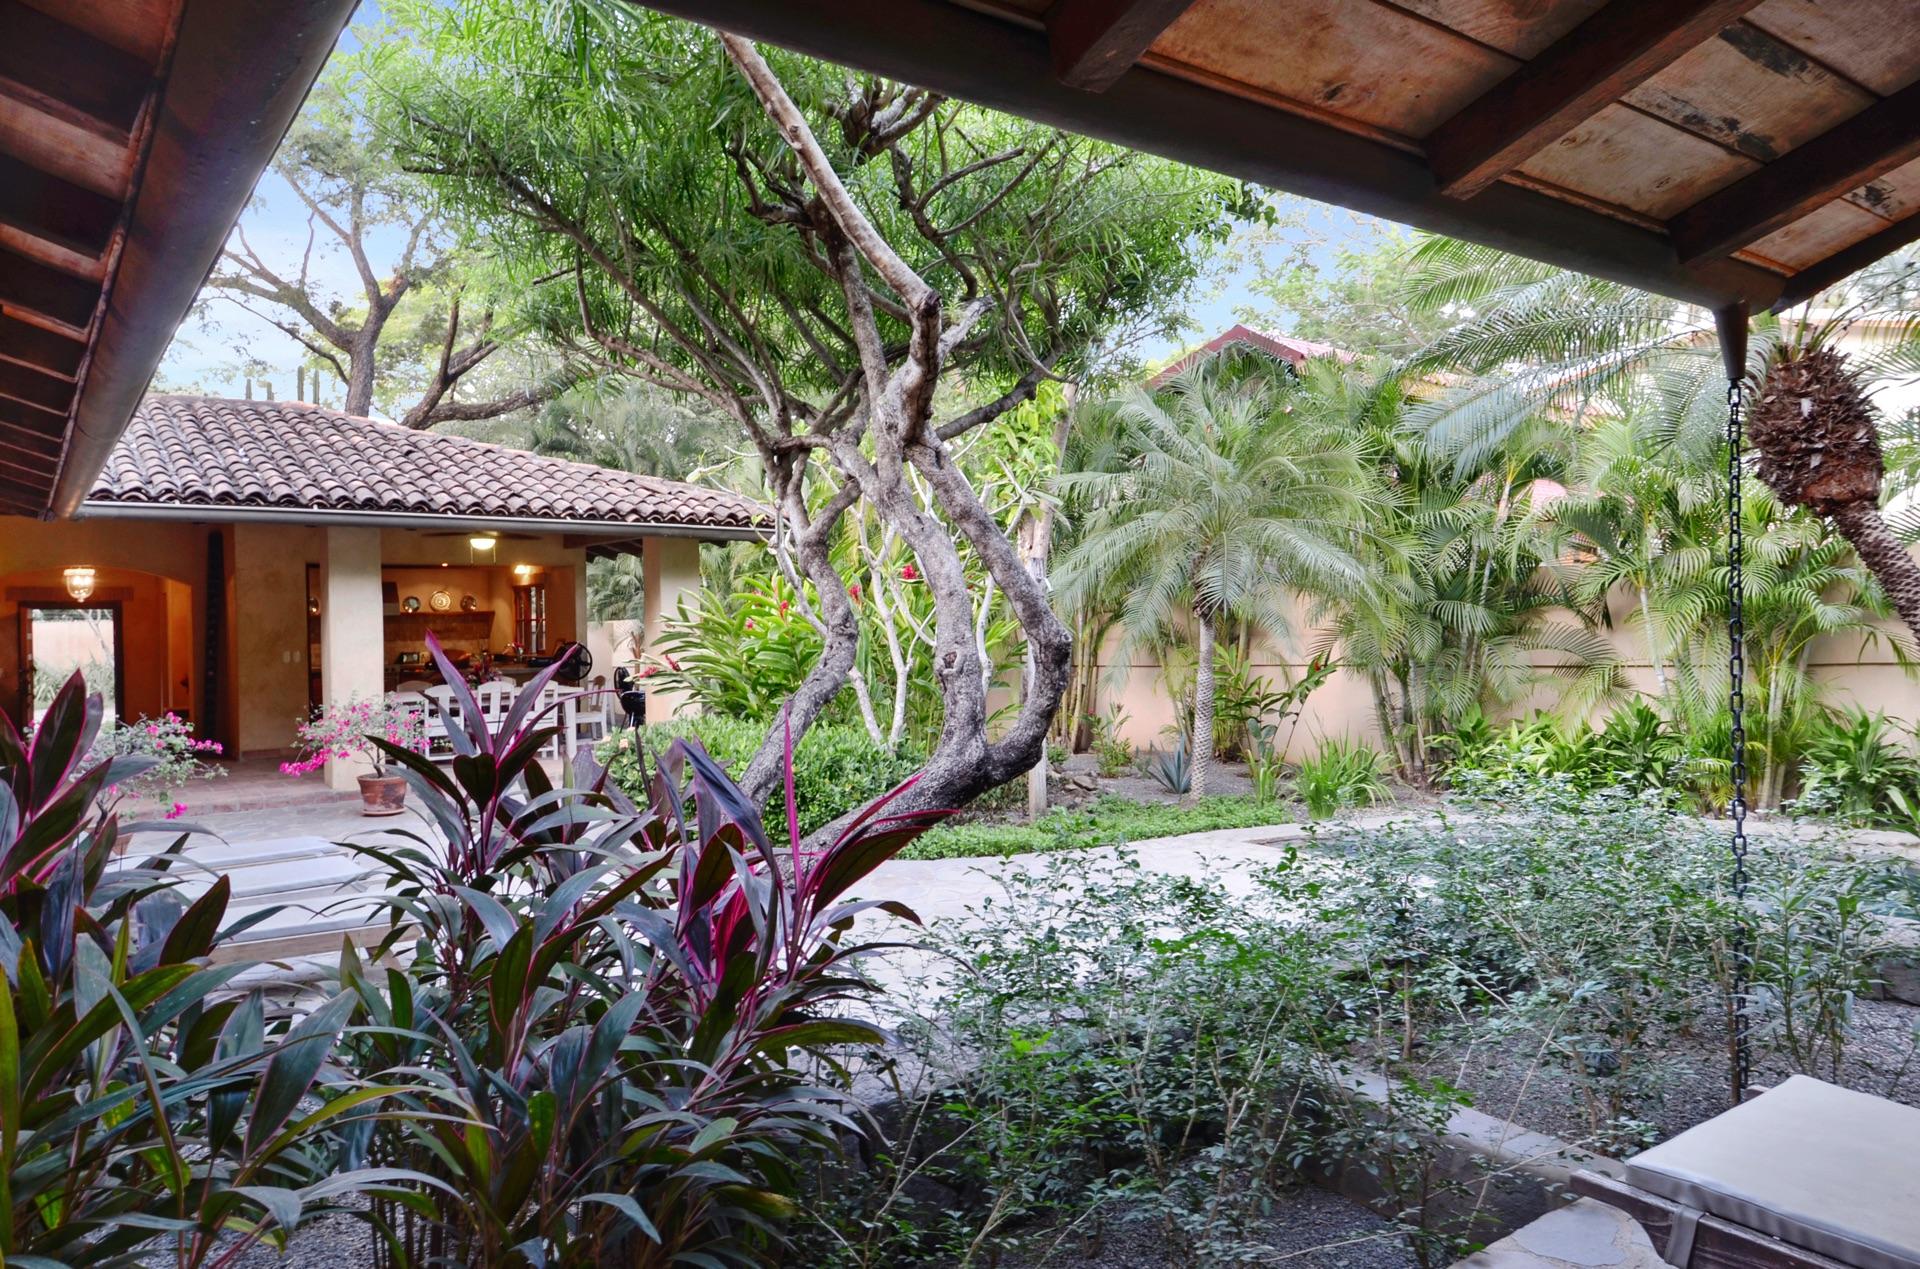 Hacienda del Pacifico grounds